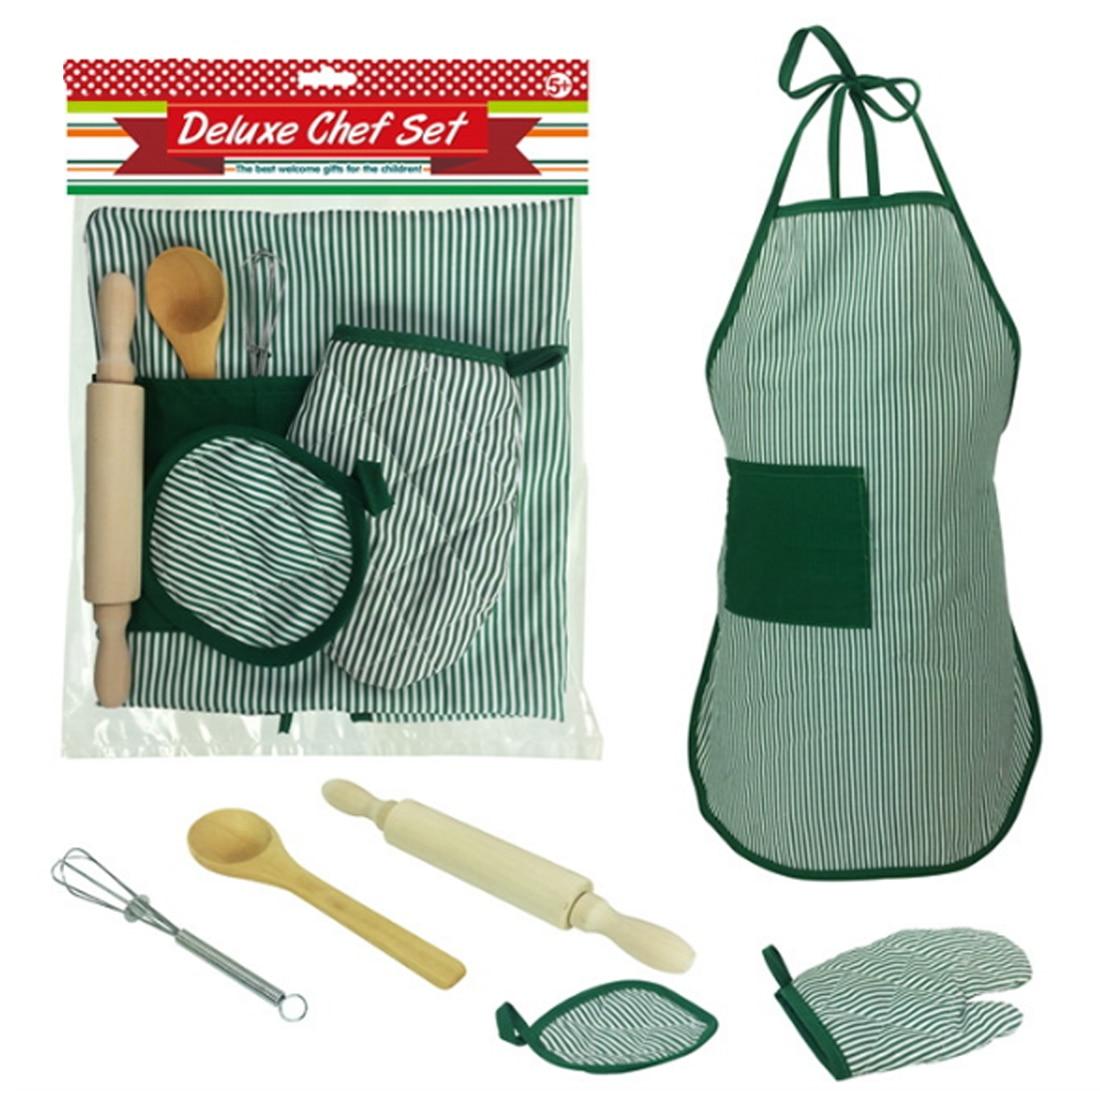 2018 kinder Chef Set DIY Kochen Backen Anzug Spielzeug Set Neue Pretend Spielen Schürze Handschuhe Rolling Pin Schneebesen Herd Geschenk für Kinder